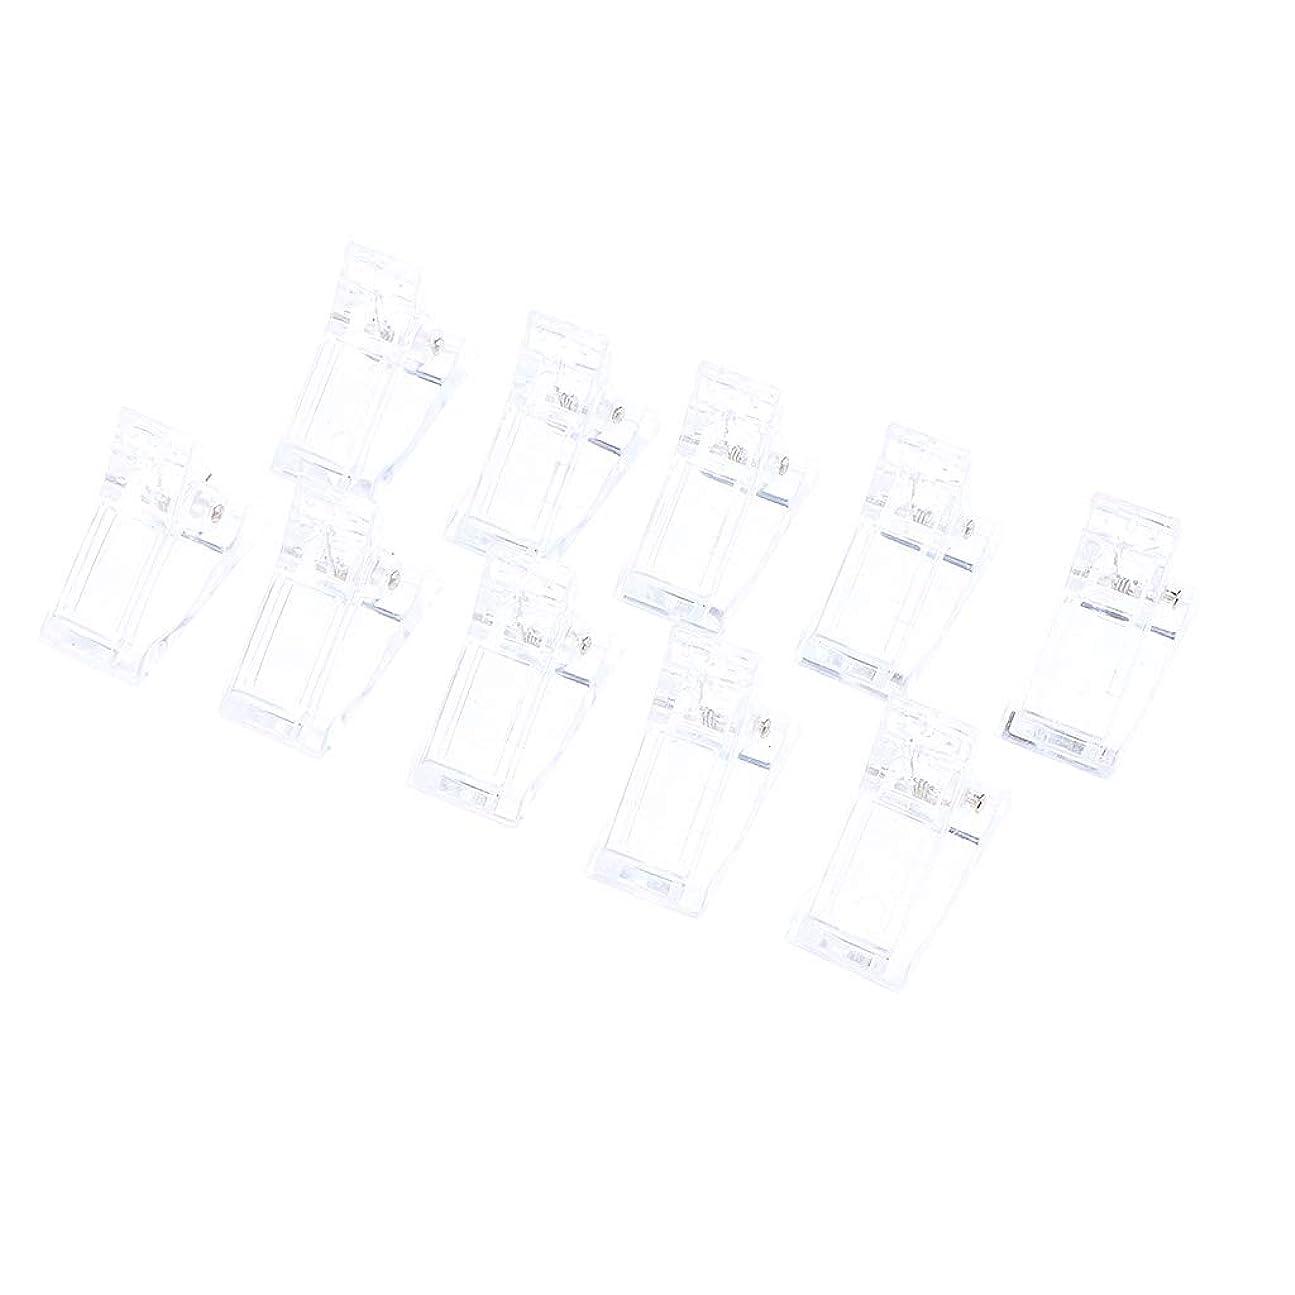 気付く角度秘書Sharplace 10個 ネイルチップクリップ プラスチック モールド フィンガークリップ 再使用可